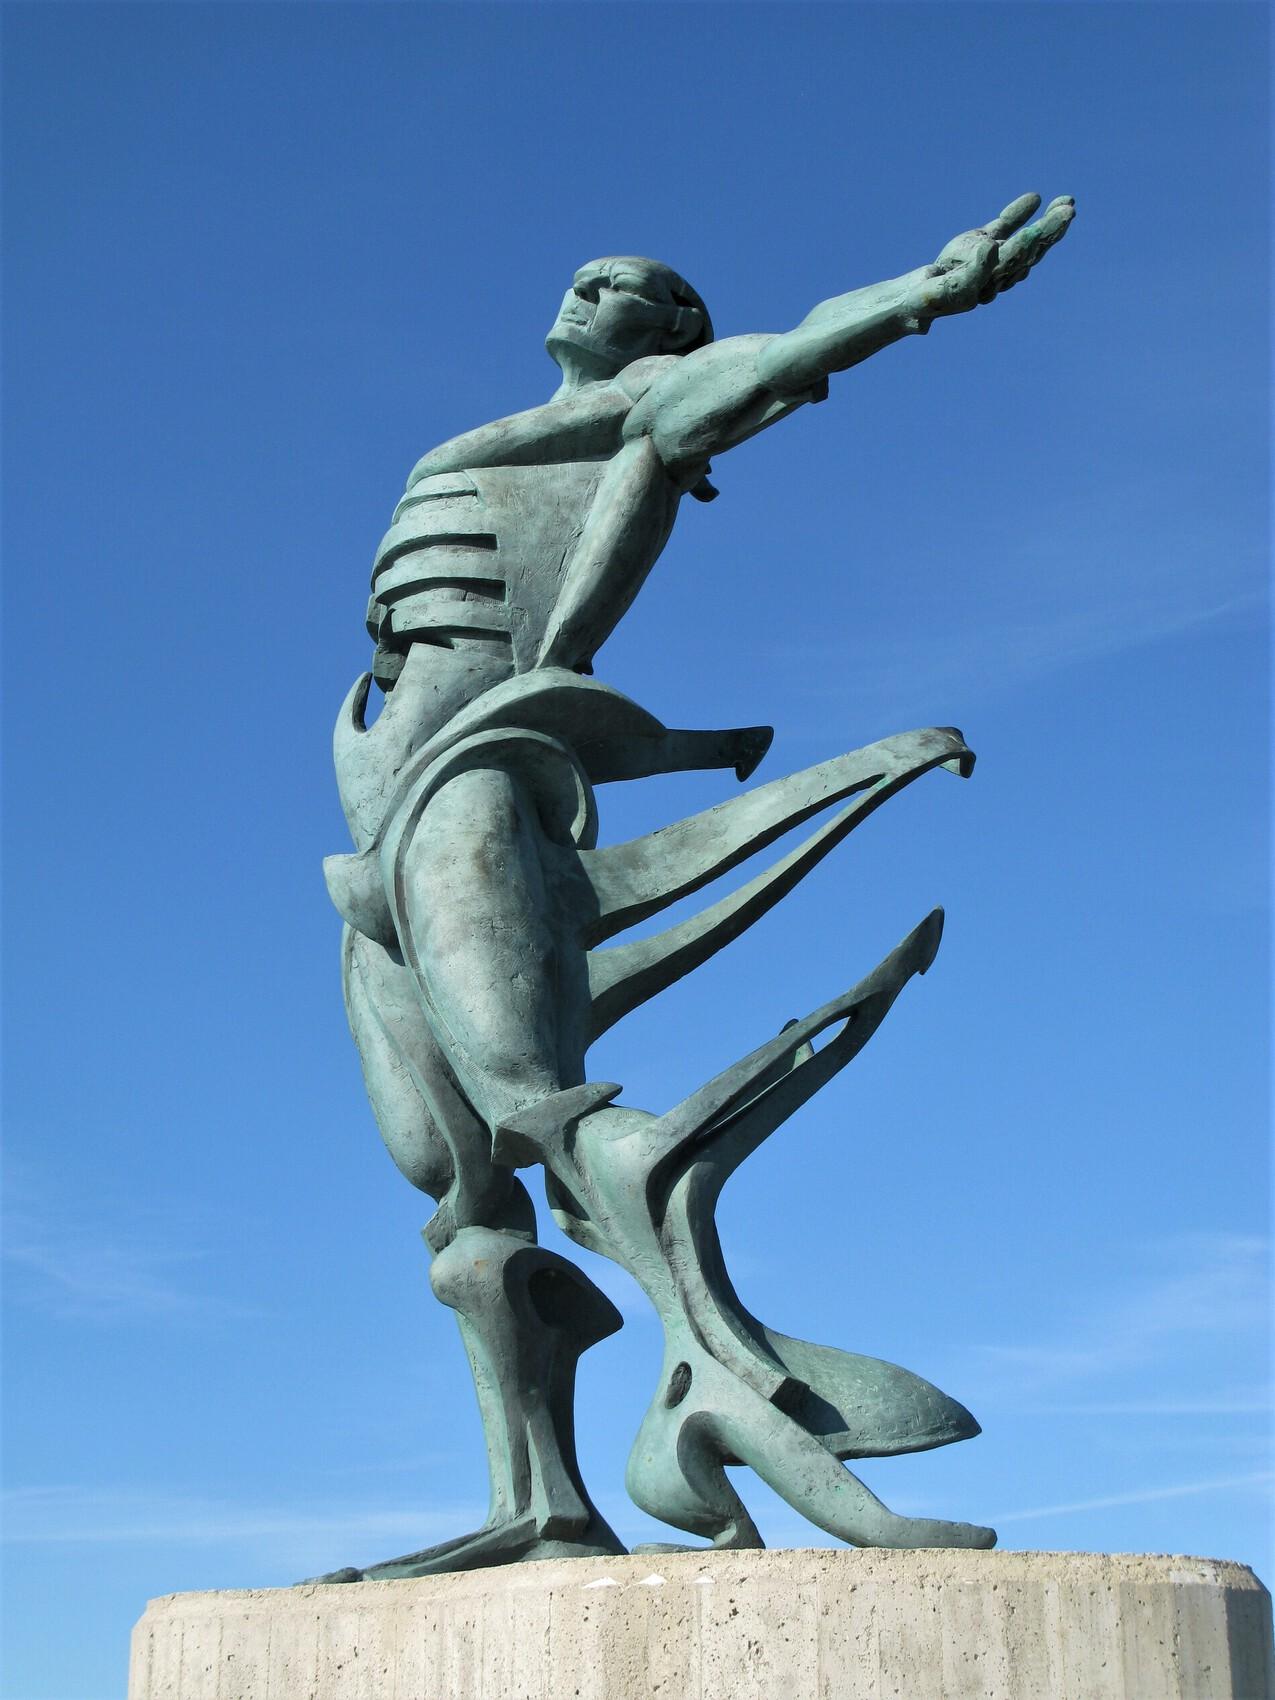 La Statue Des Vents